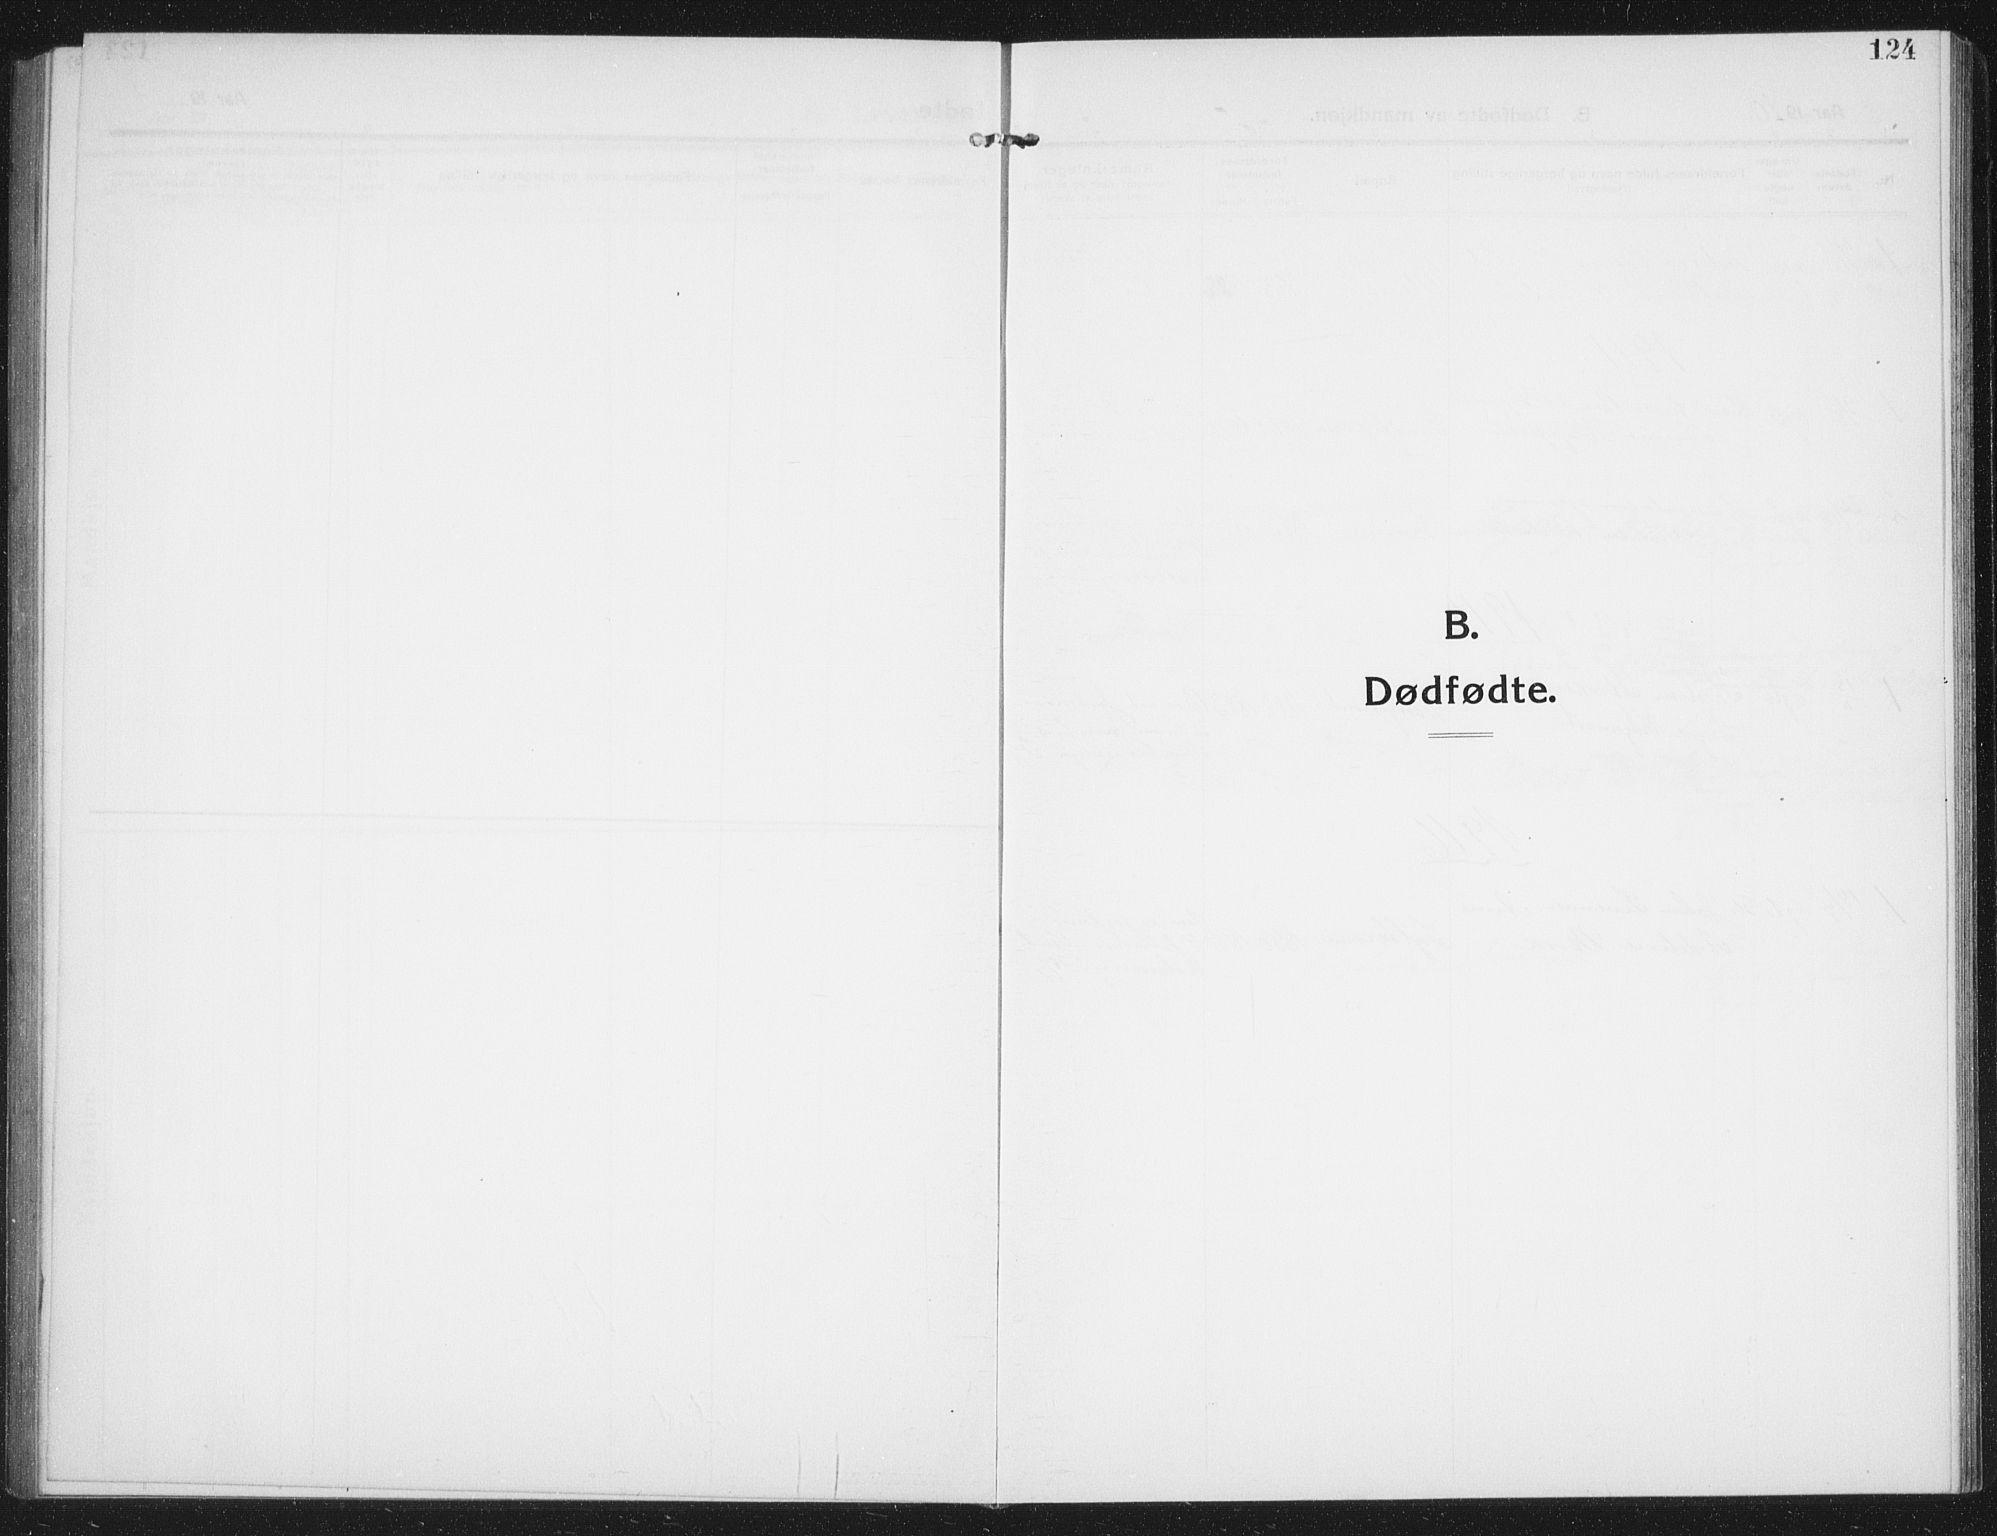 SAT, Ministerialprotokoller, klokkerbøker og fødselsregistre - Nord-Trøndelag, 774/L0630: Klokkerbok nr. 774C01, 1910-1934, s. 124